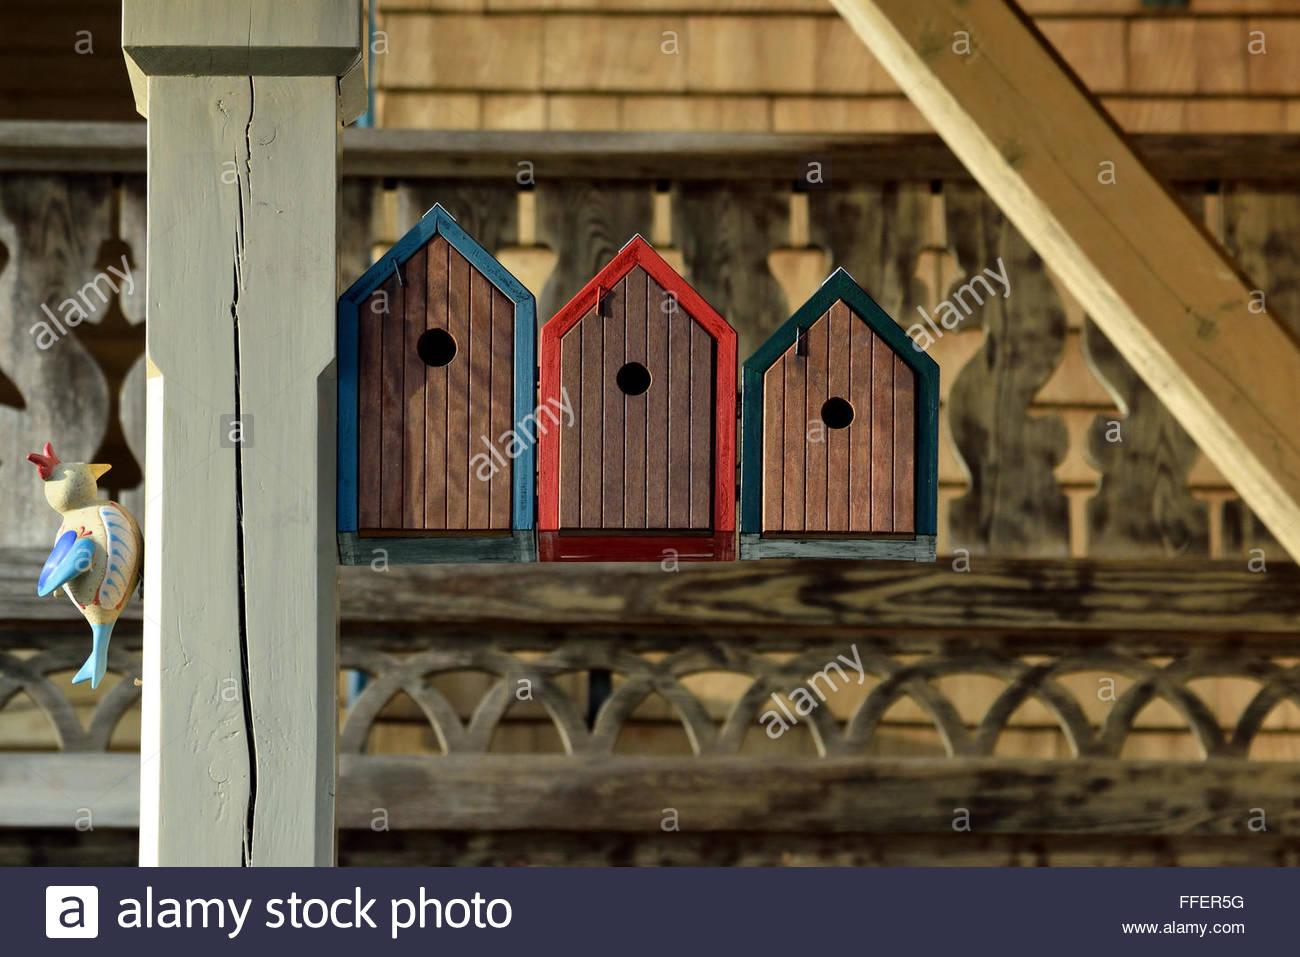 Birdhouse in the garden - Stock Image